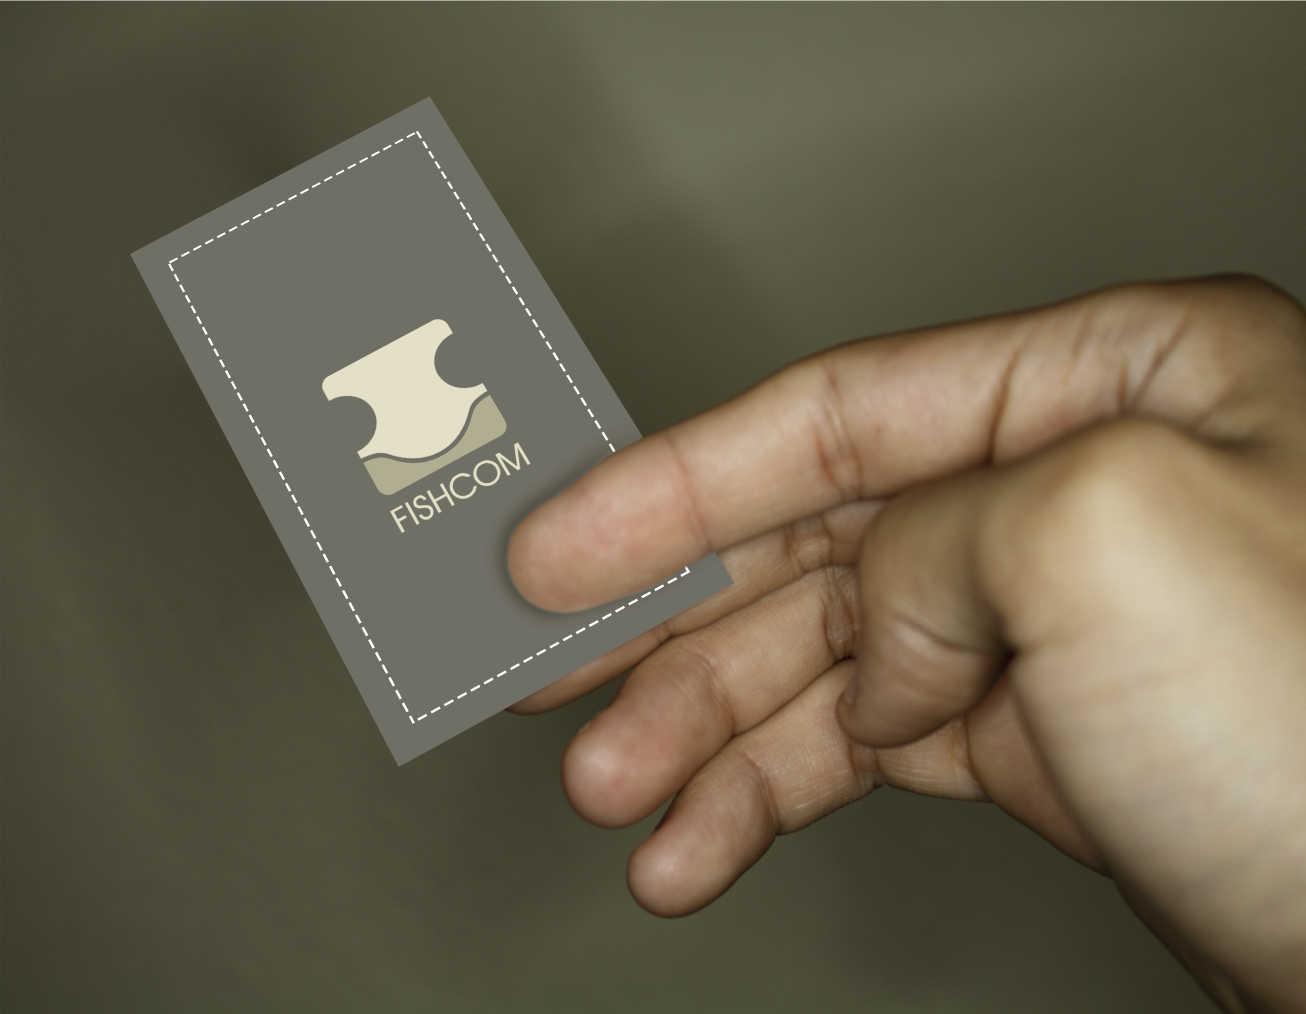 Создание логотипа и брэндбука для компании РЫБКОМ фото f_6485c18d99c24d29.jpg